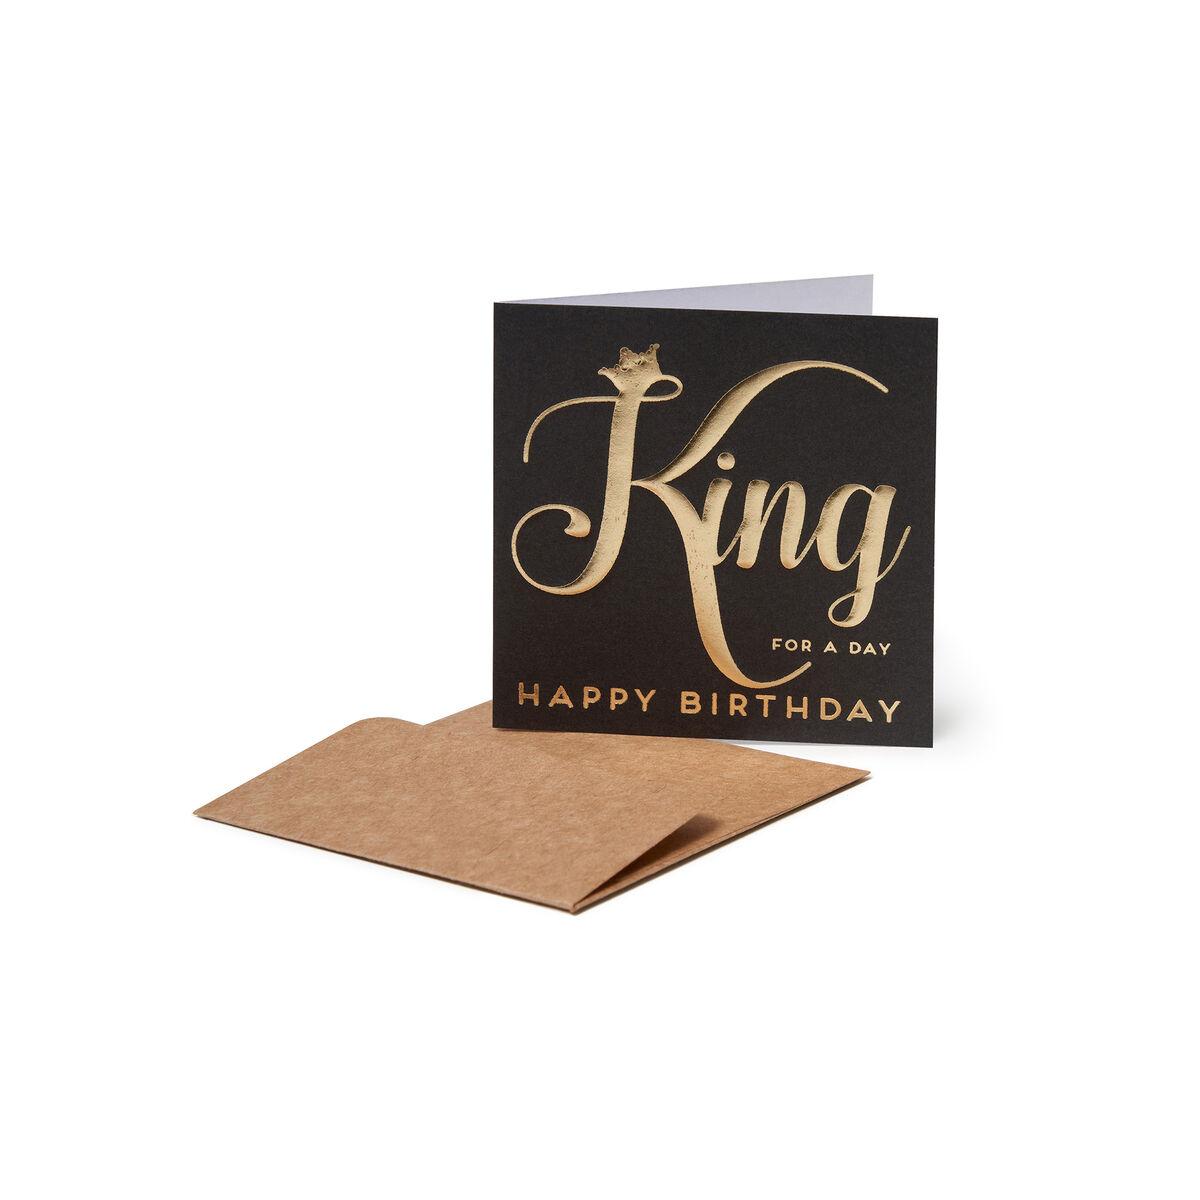 Greeting Cards - Re per Un Giorno, , zoo